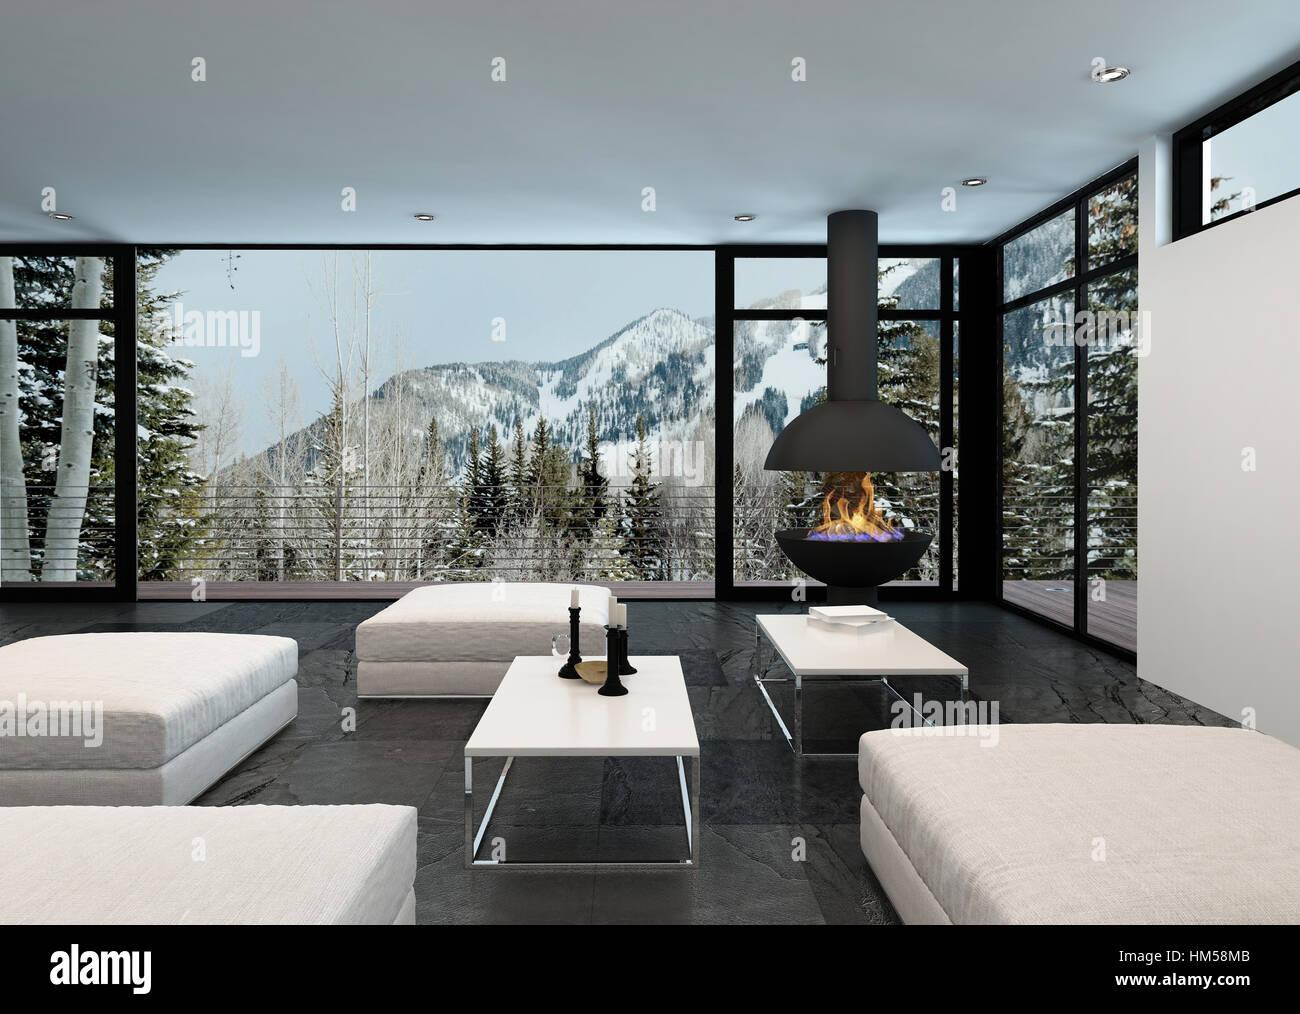 Accogliente ed elegante soggiorno interno in una casa di montagna ...